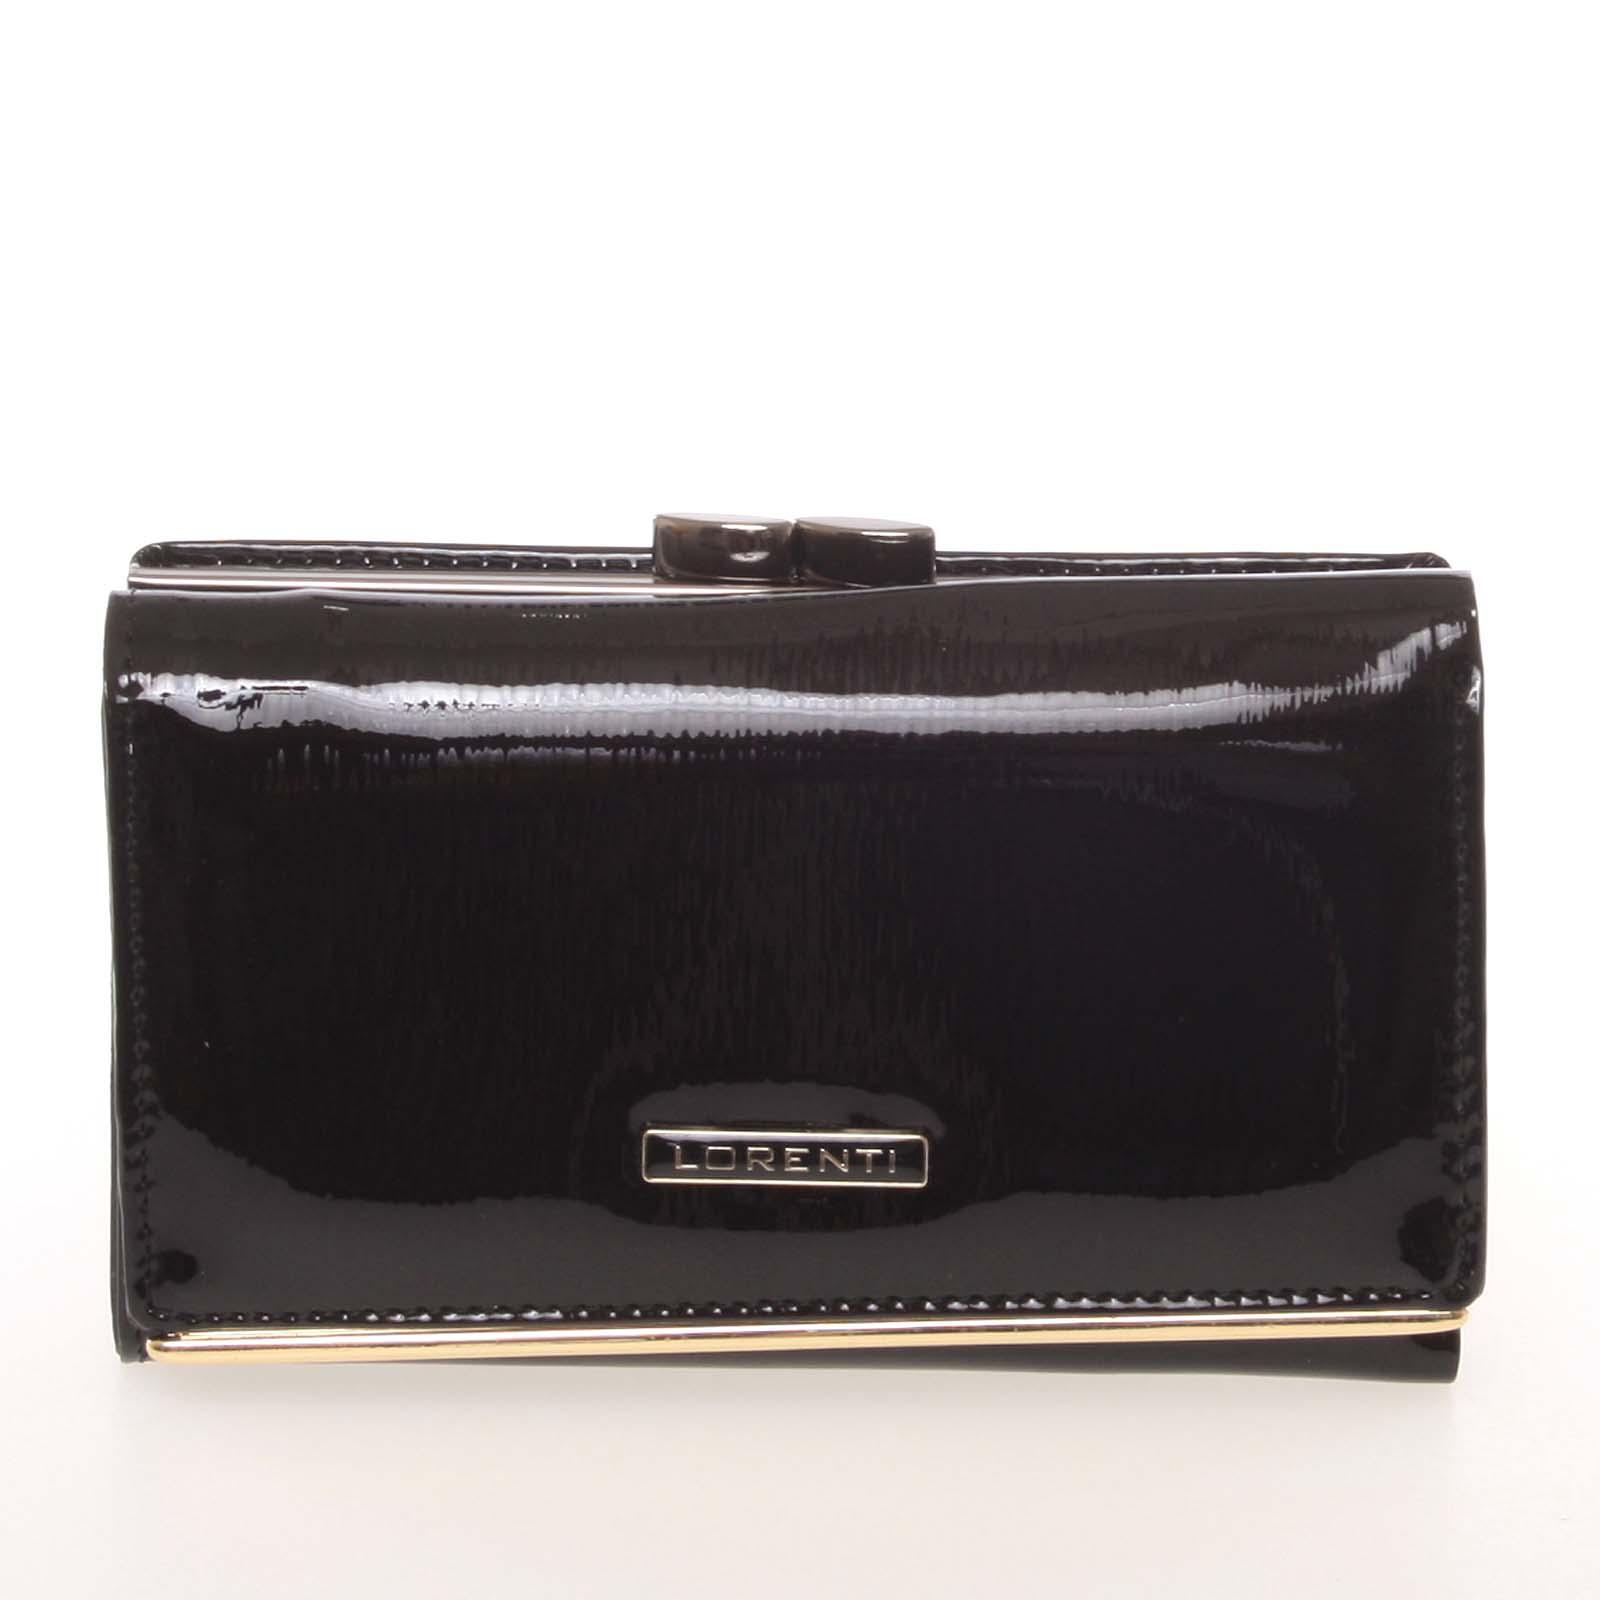 Jedinečná dámska lakovaná kožená peňaženka čierna - Lorenti 55020SH